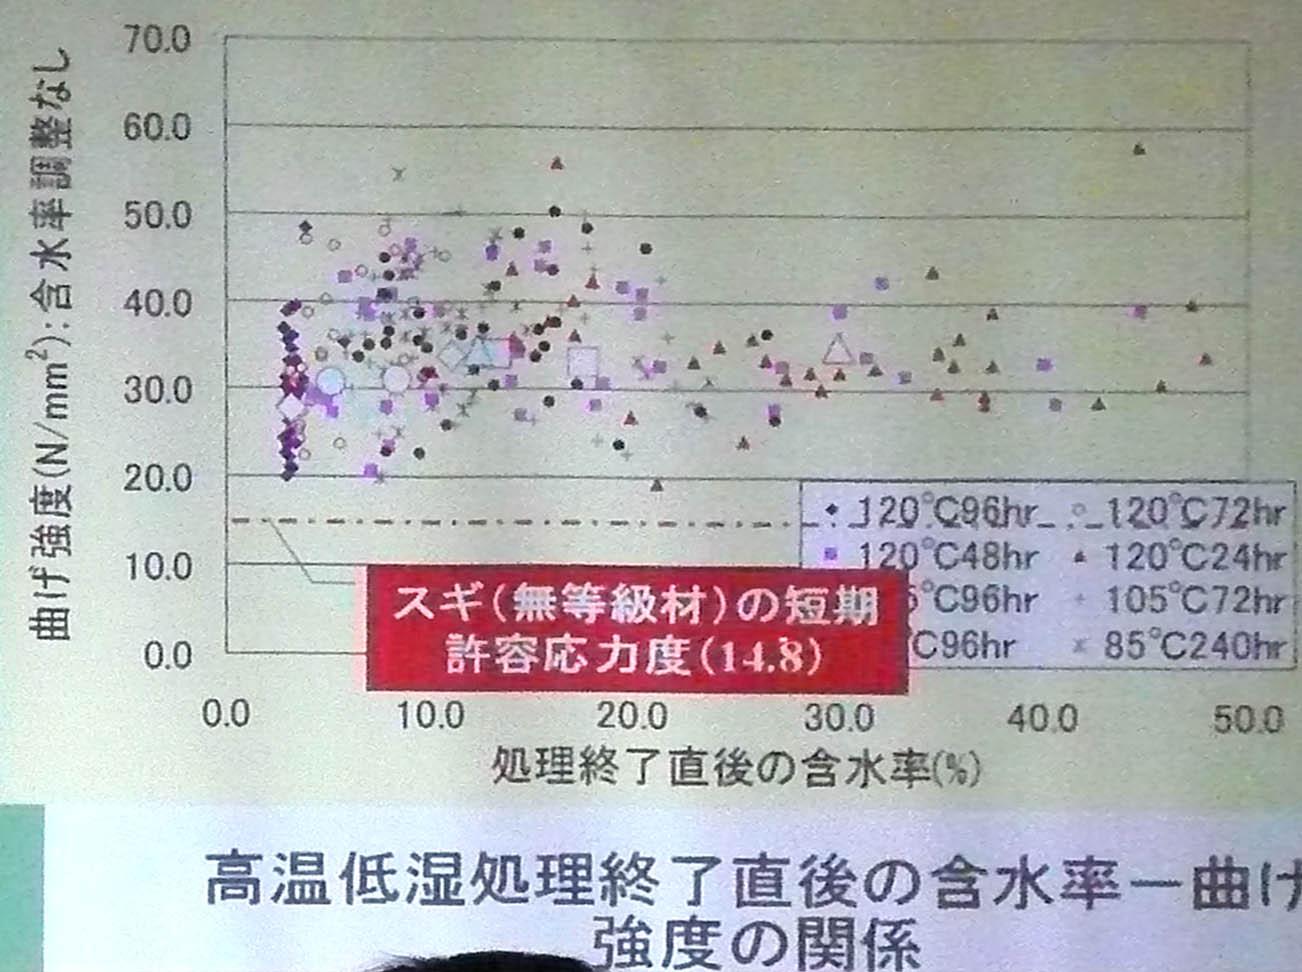 高温低湿乾燥と強度 2 岡崎泰男准教授_e0054299_12261692.jpg